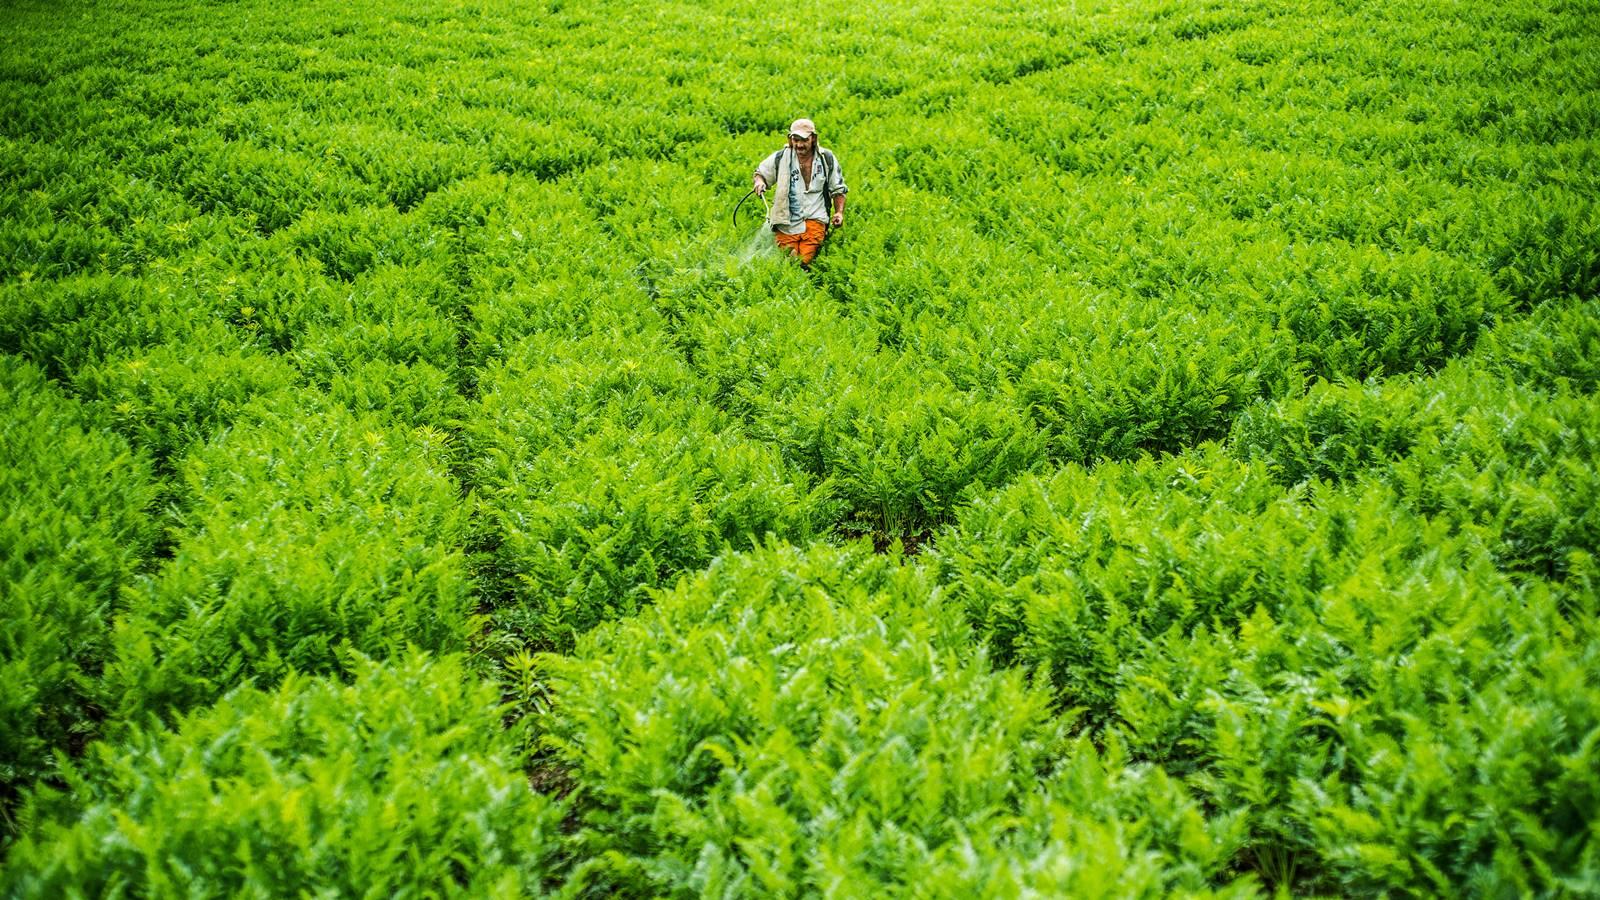 historias//asociarse-una-apuesta-clave-para-salvar-a-los-agricultores-del-pais